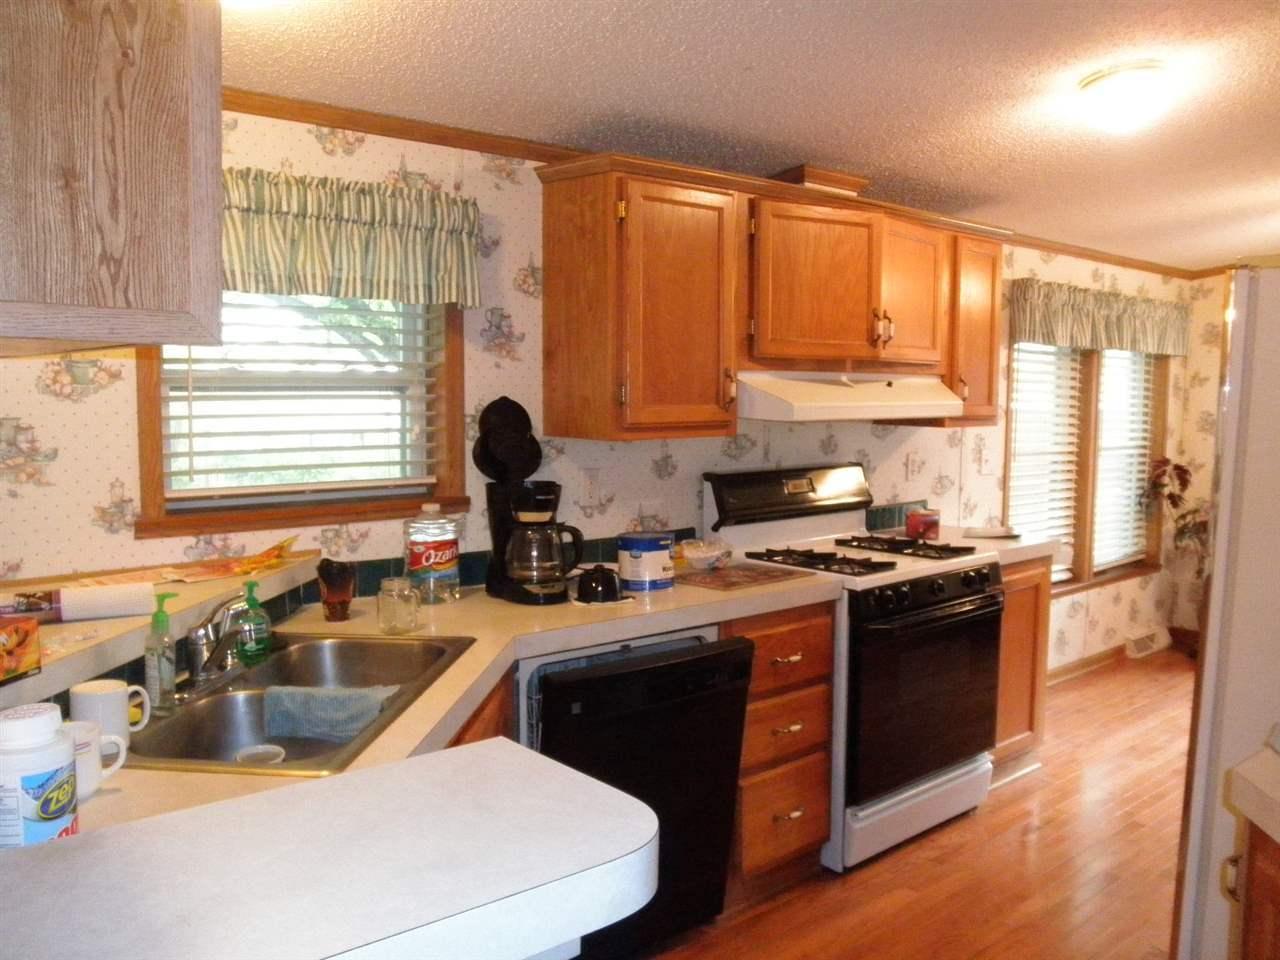 Sold Cross Sale W/ MLS | 1 Northfork Rd. Kaw City, OK 74641 6